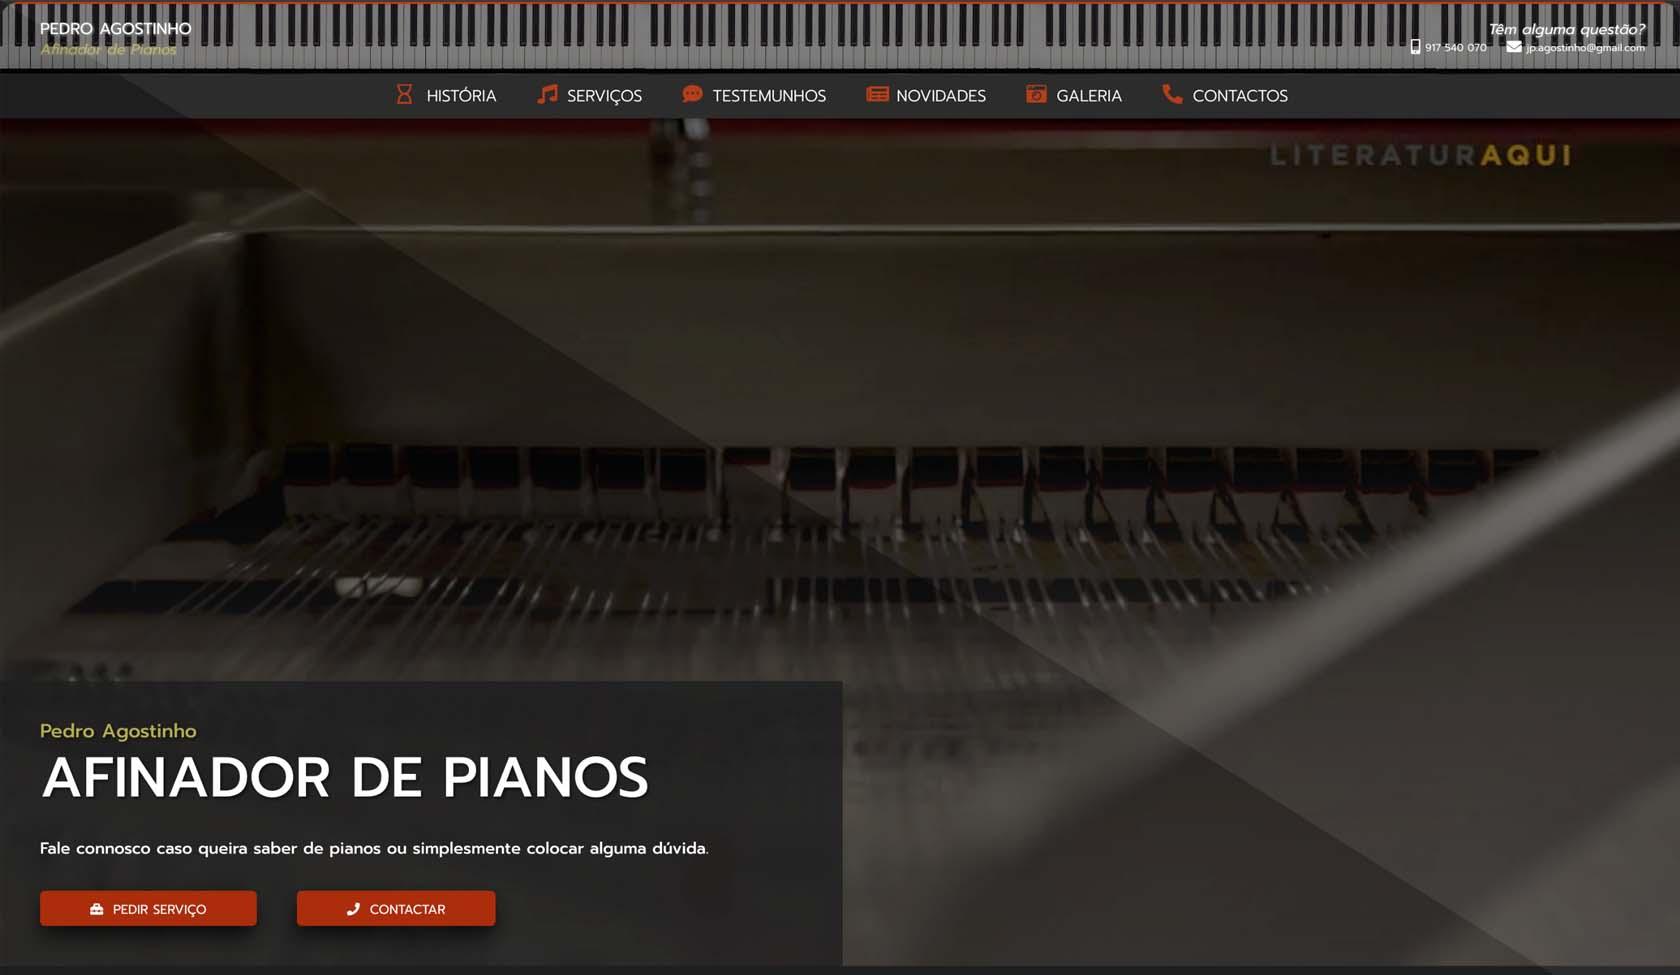 Pedro Agostinho Afinador de Pianos